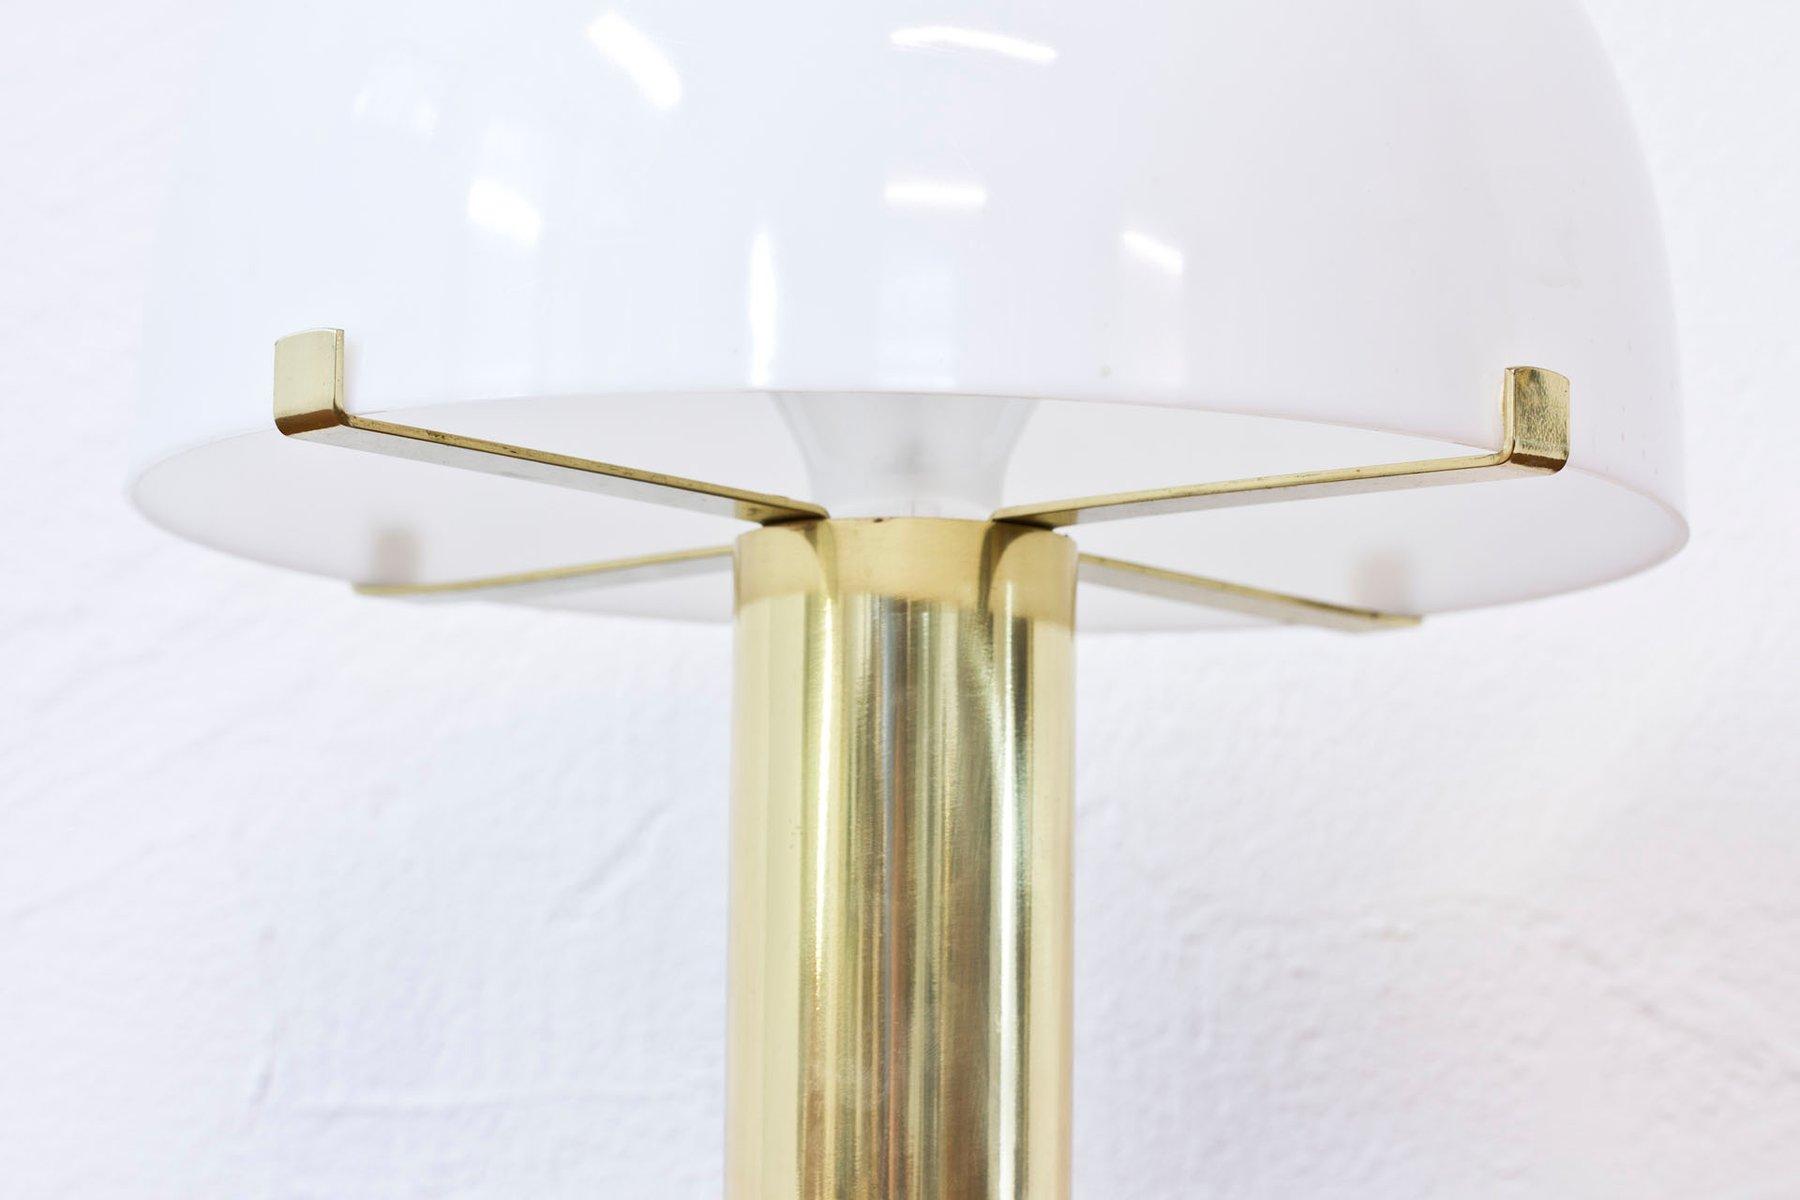 Lampada da tavolo vintage in ottone di moller armatur - Lampada da tavolo vintage ...